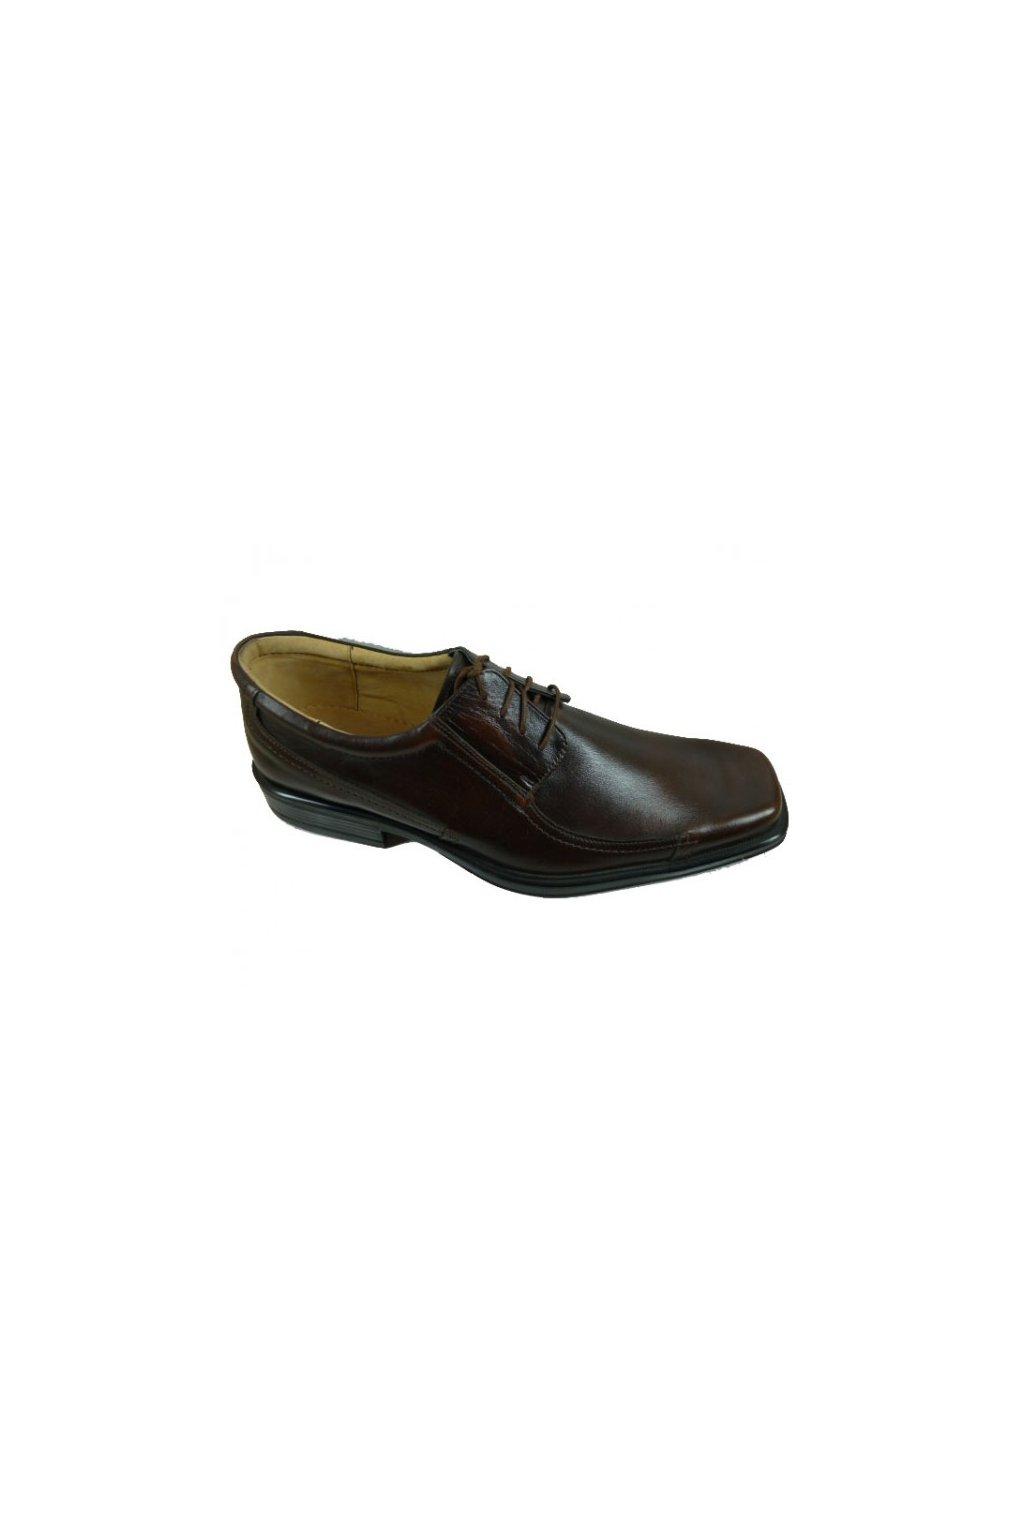 Nadměrná pánská obuv Kuda 523 hnědá